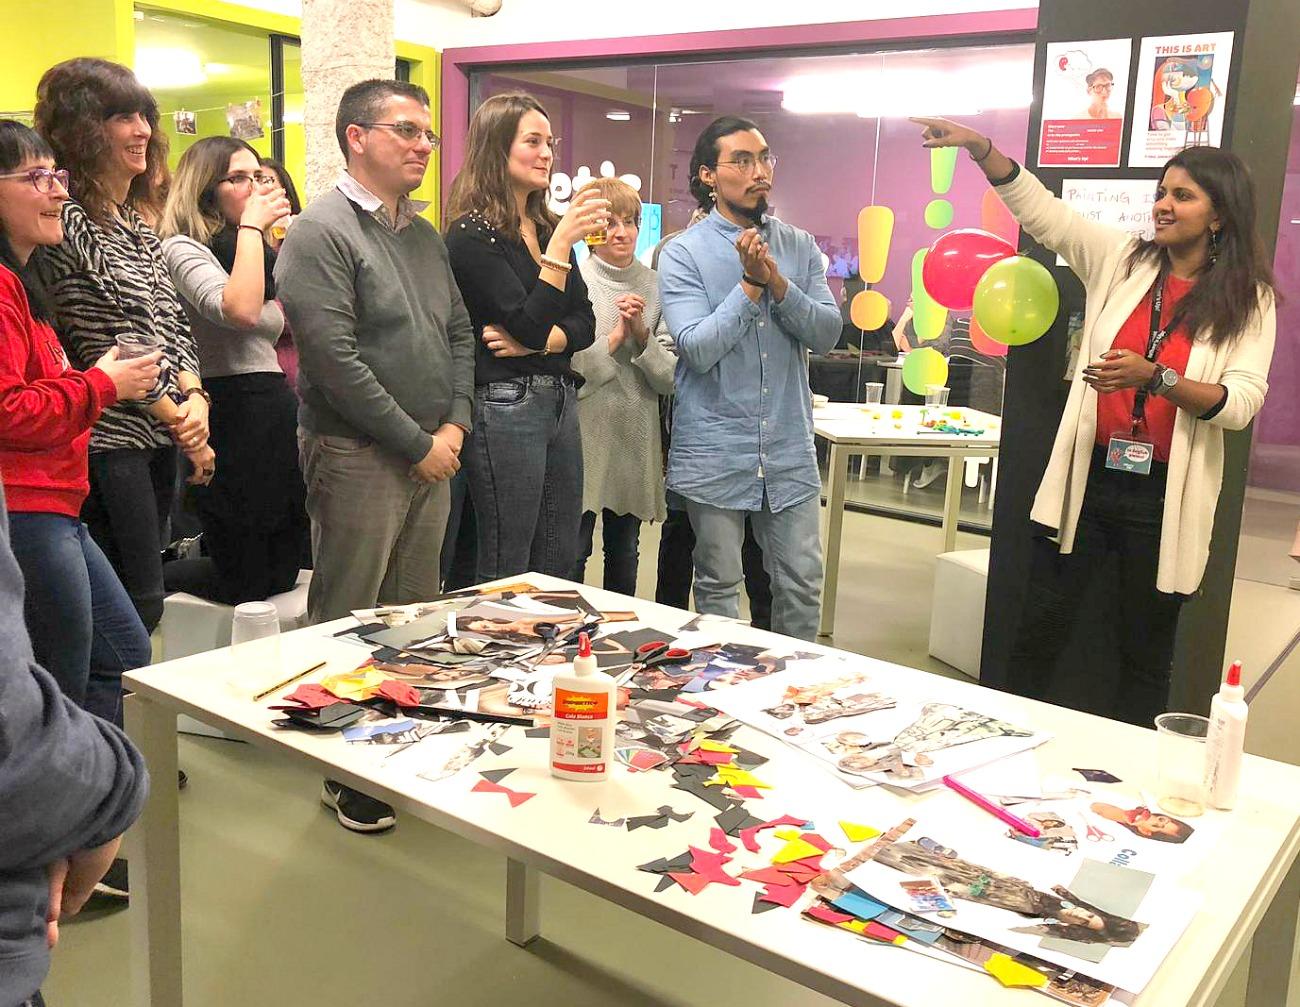 Los alumnos de la escuela de inglés What's Up! participando en una actividad llamada This is Art